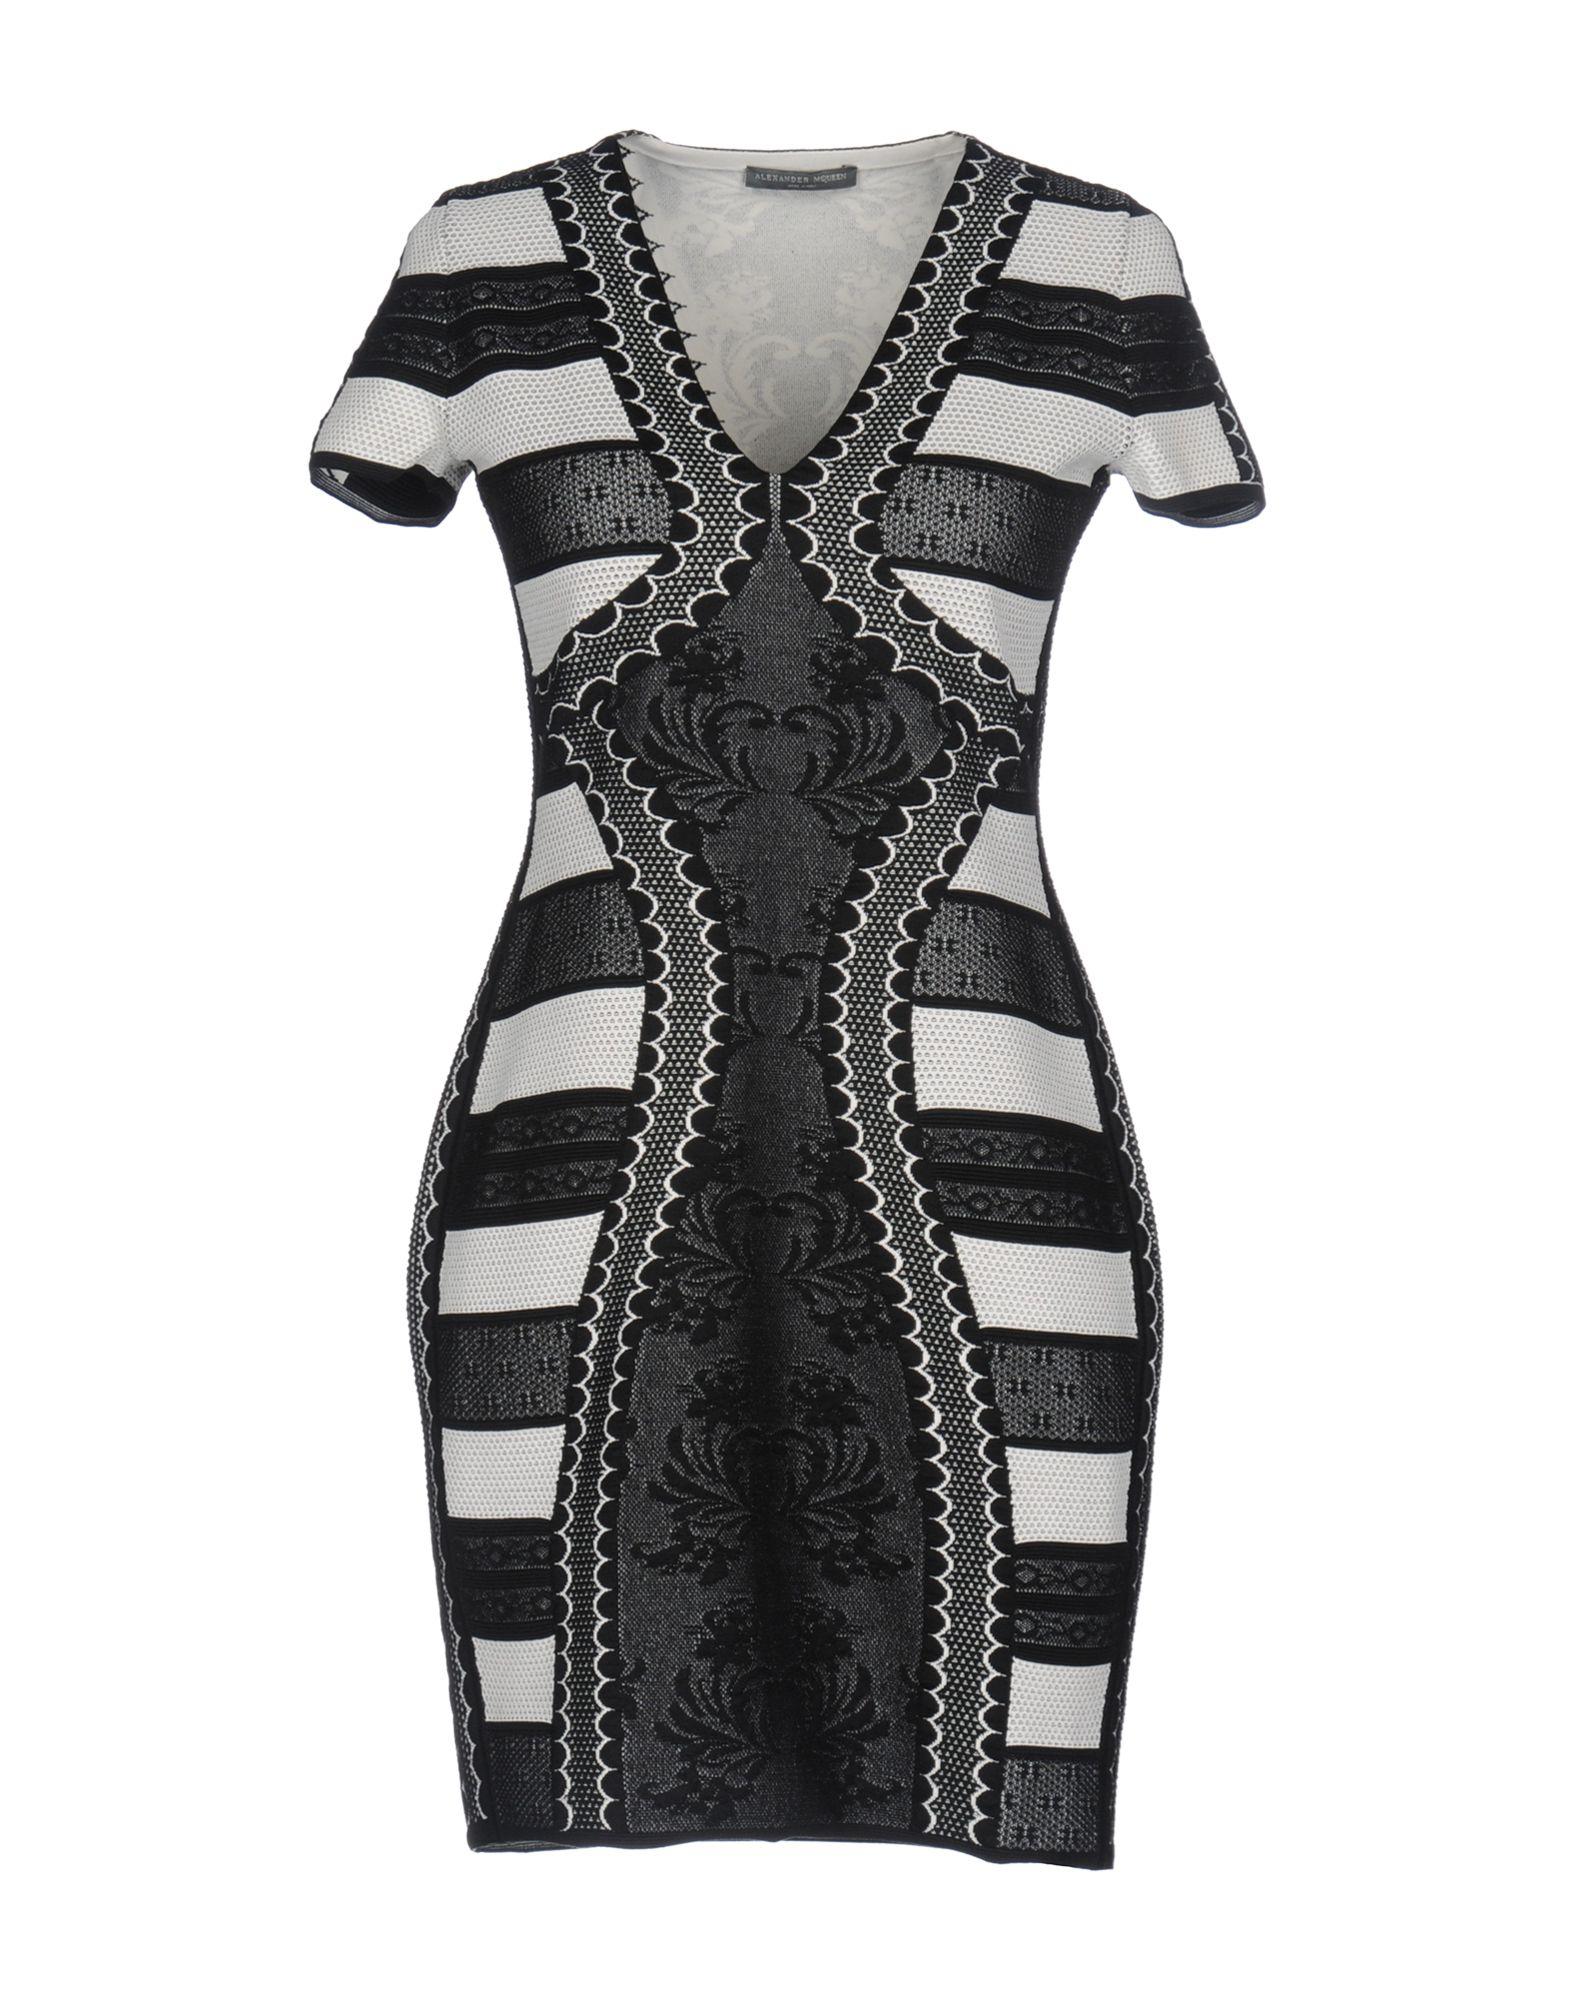 ALEXANDER MCQUEEN Damen Kurzes Kleid Farbe Schwarz Größe 6